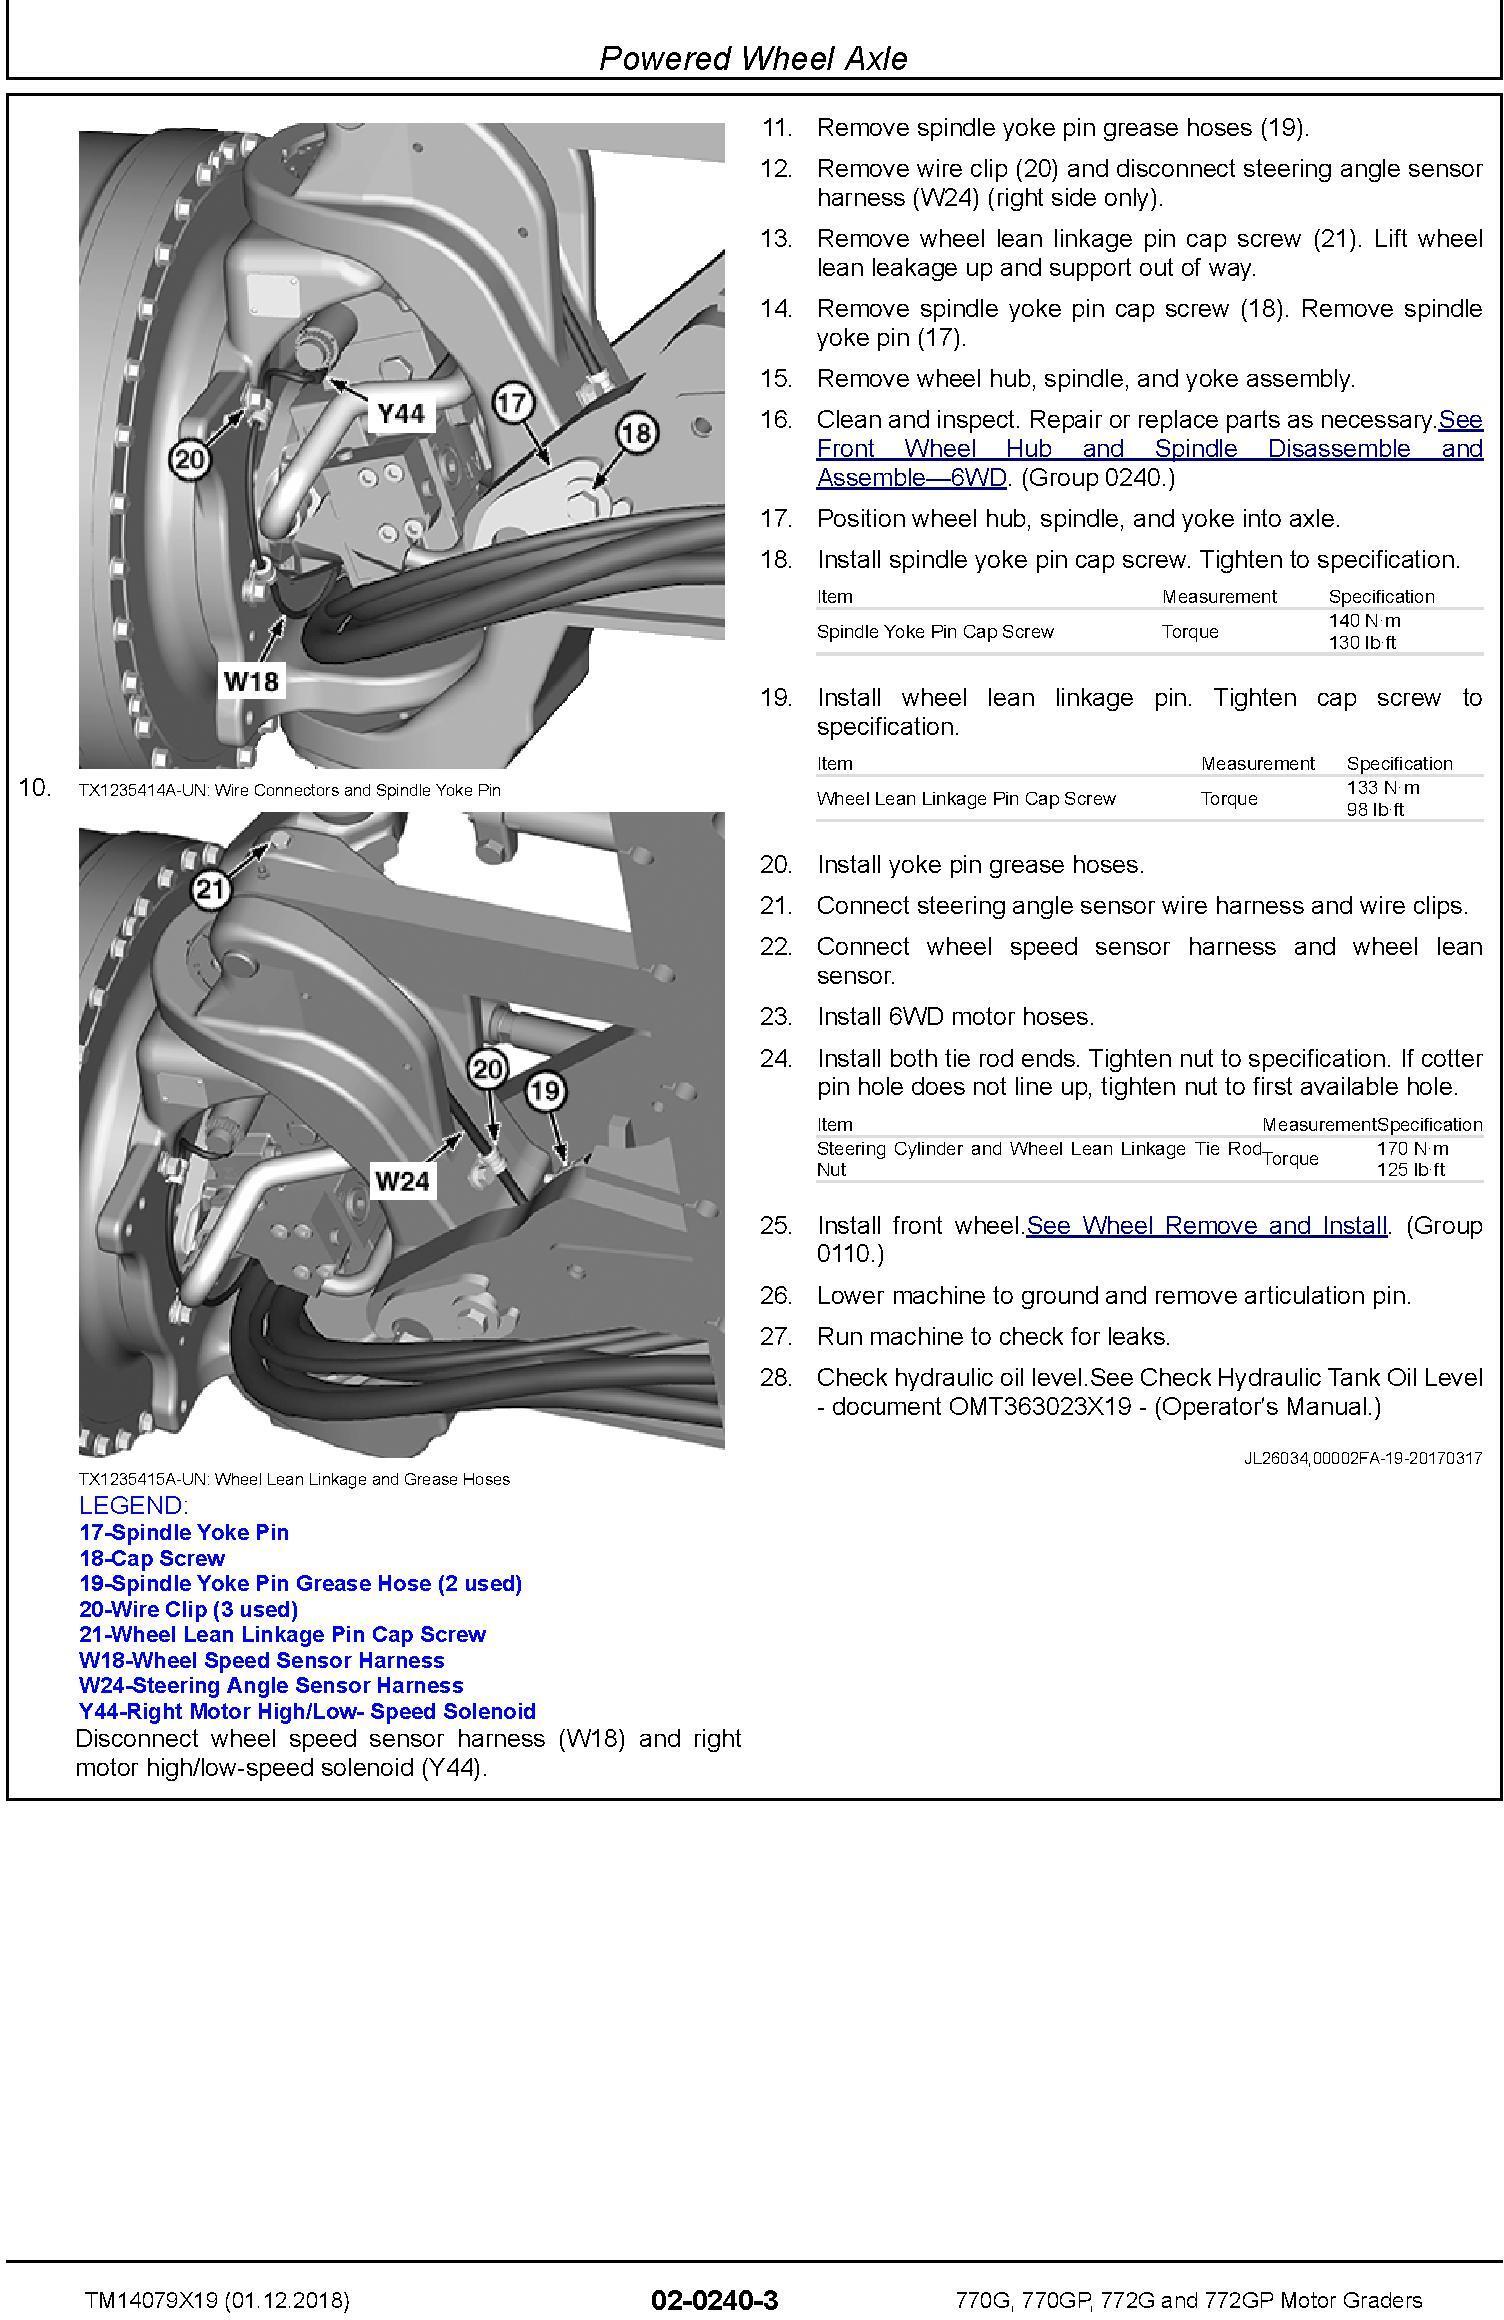 John Deere 770G, 770GP, 772G, 772GP (SN.C678818—680877) Motor Graders Repair Manual (TM14079X19) - 3